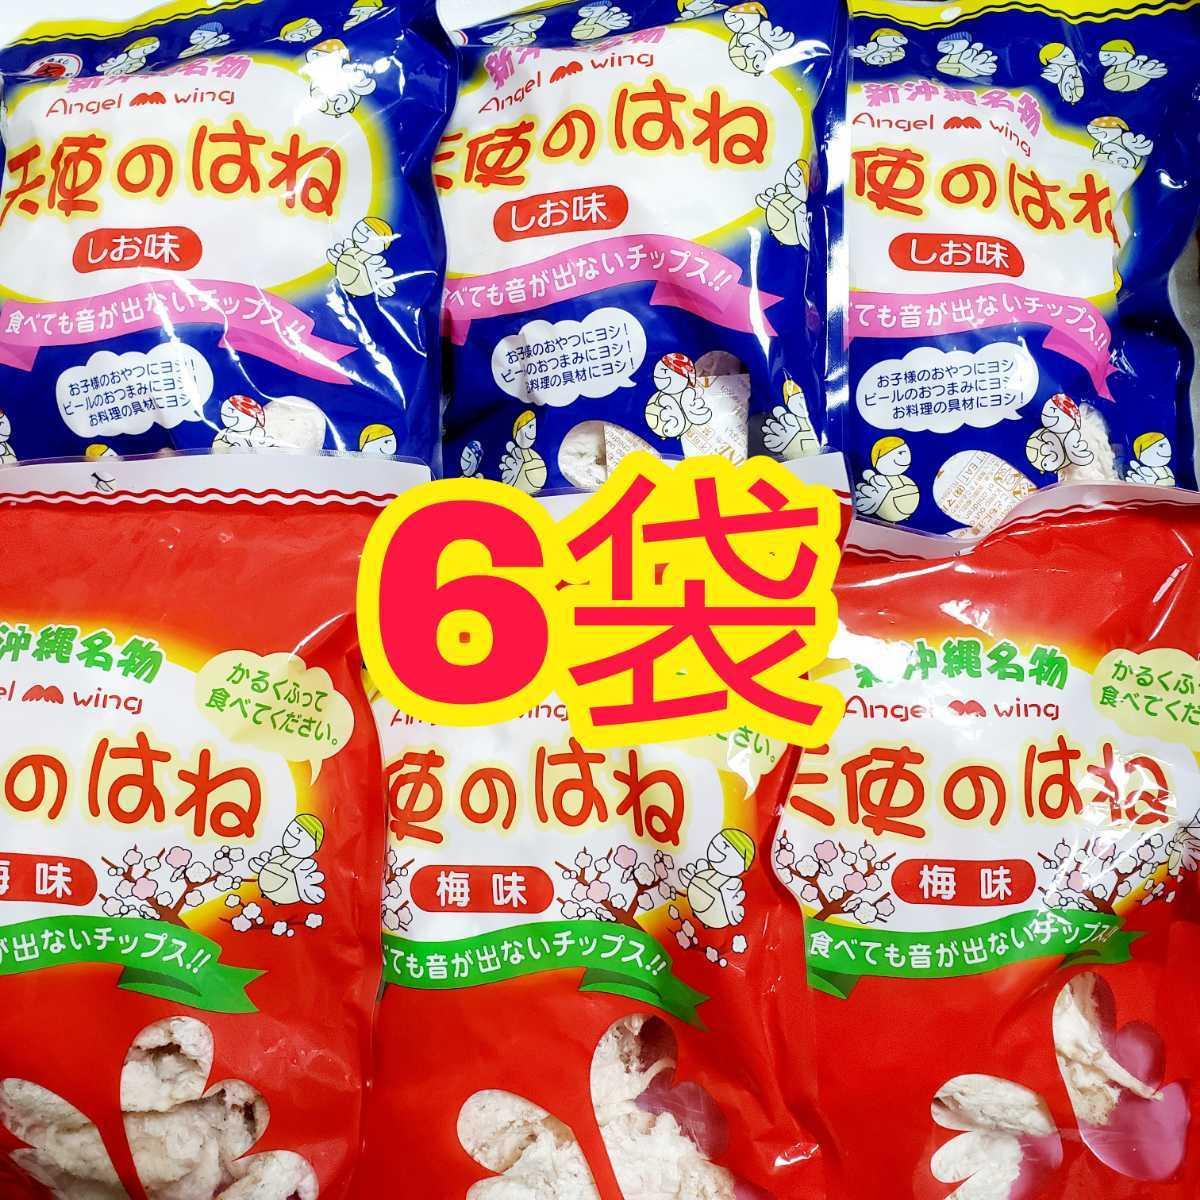 おやつ、おつまみに 沖縄 天使のはね 計6袋 セット お菓子詰め合わせ しお 梅_画像1